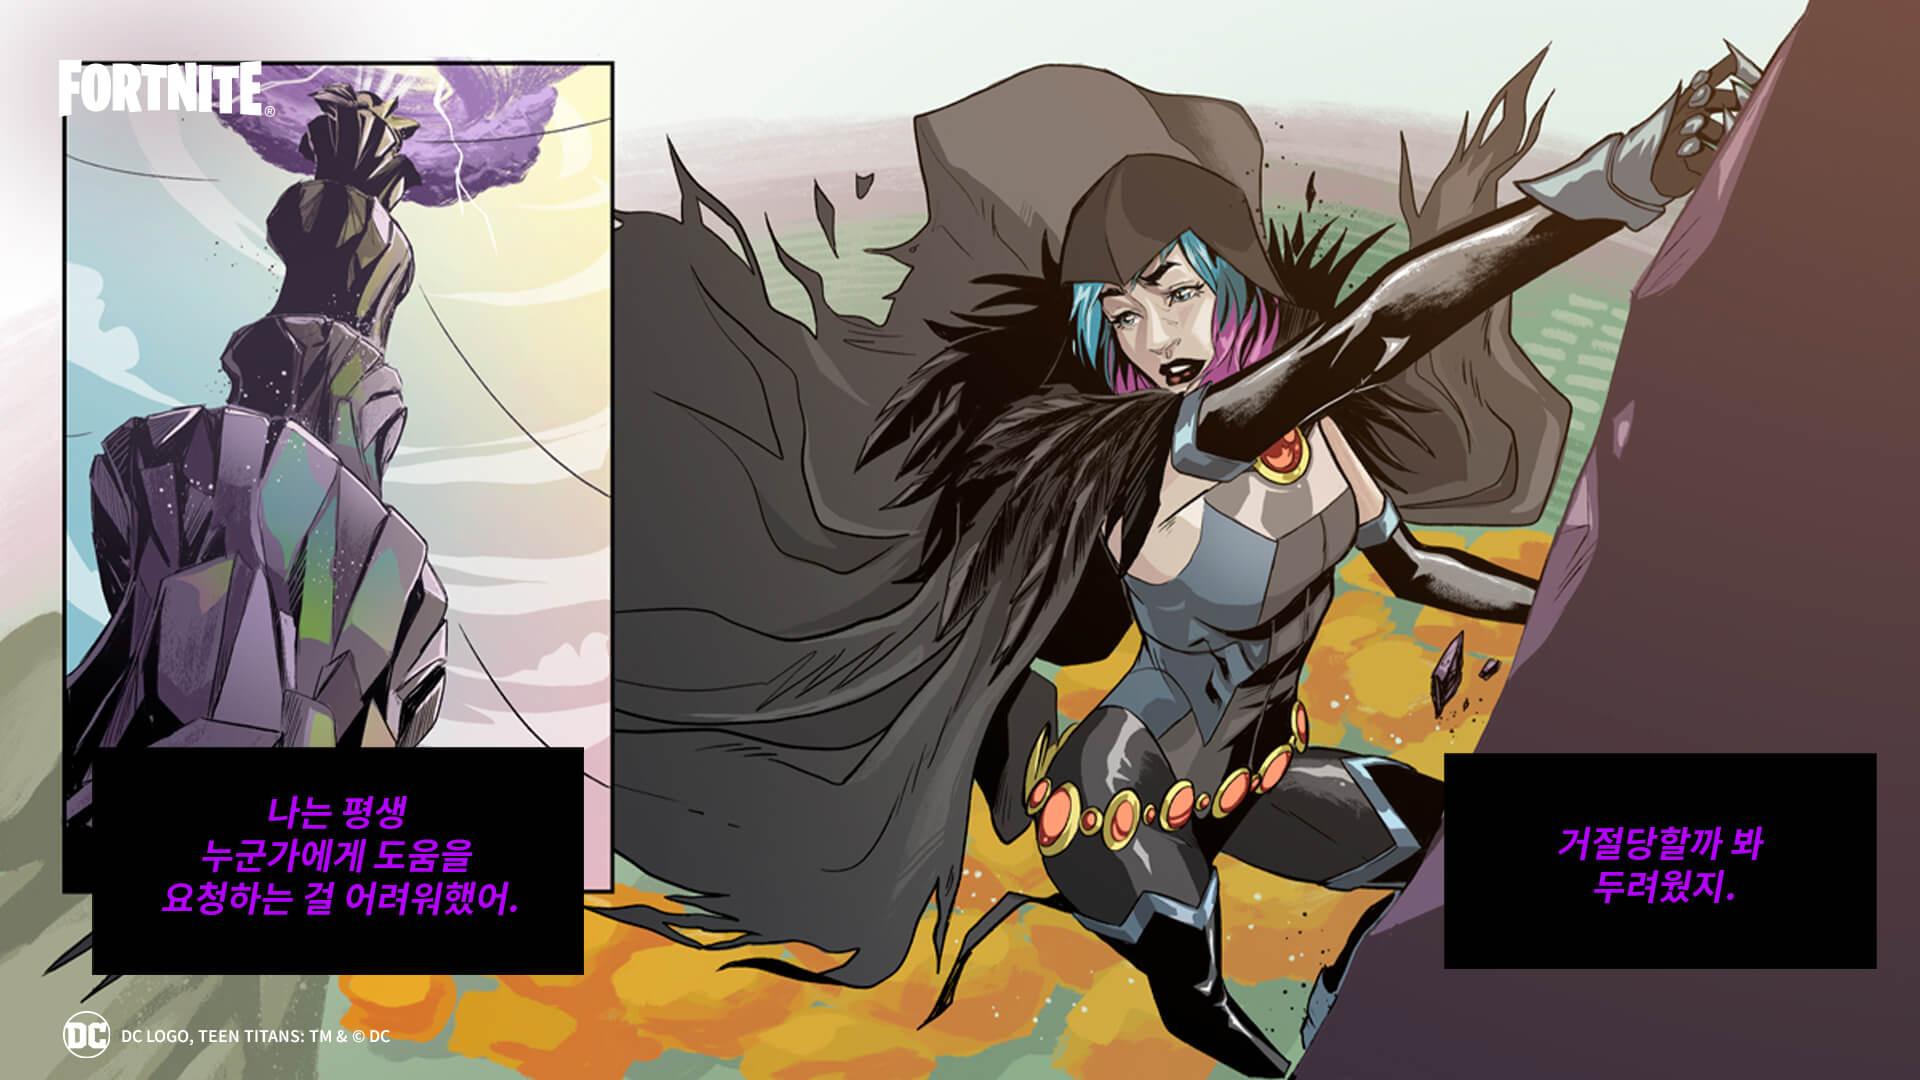 KR Raven BeastBoy S16 01 Social 1920x1080 1